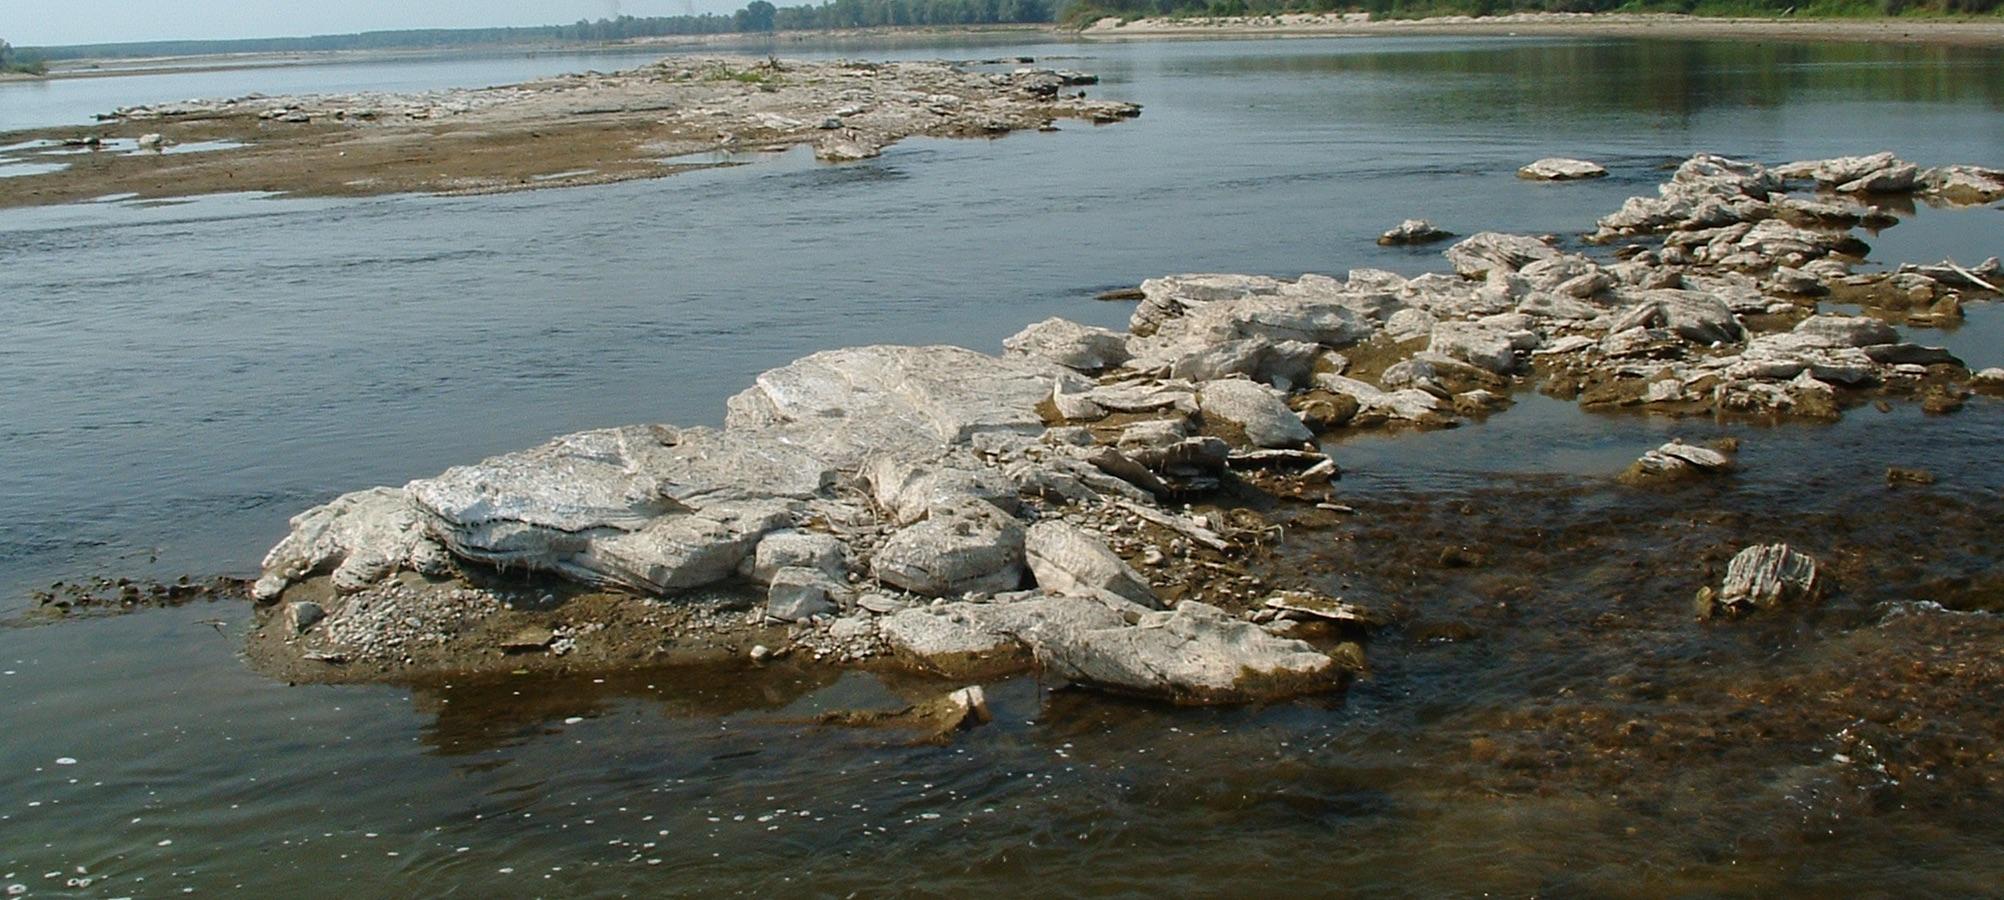 Il fiume po in secca come ad agosto allarme siccit e - Letto di un fiume in secca ...